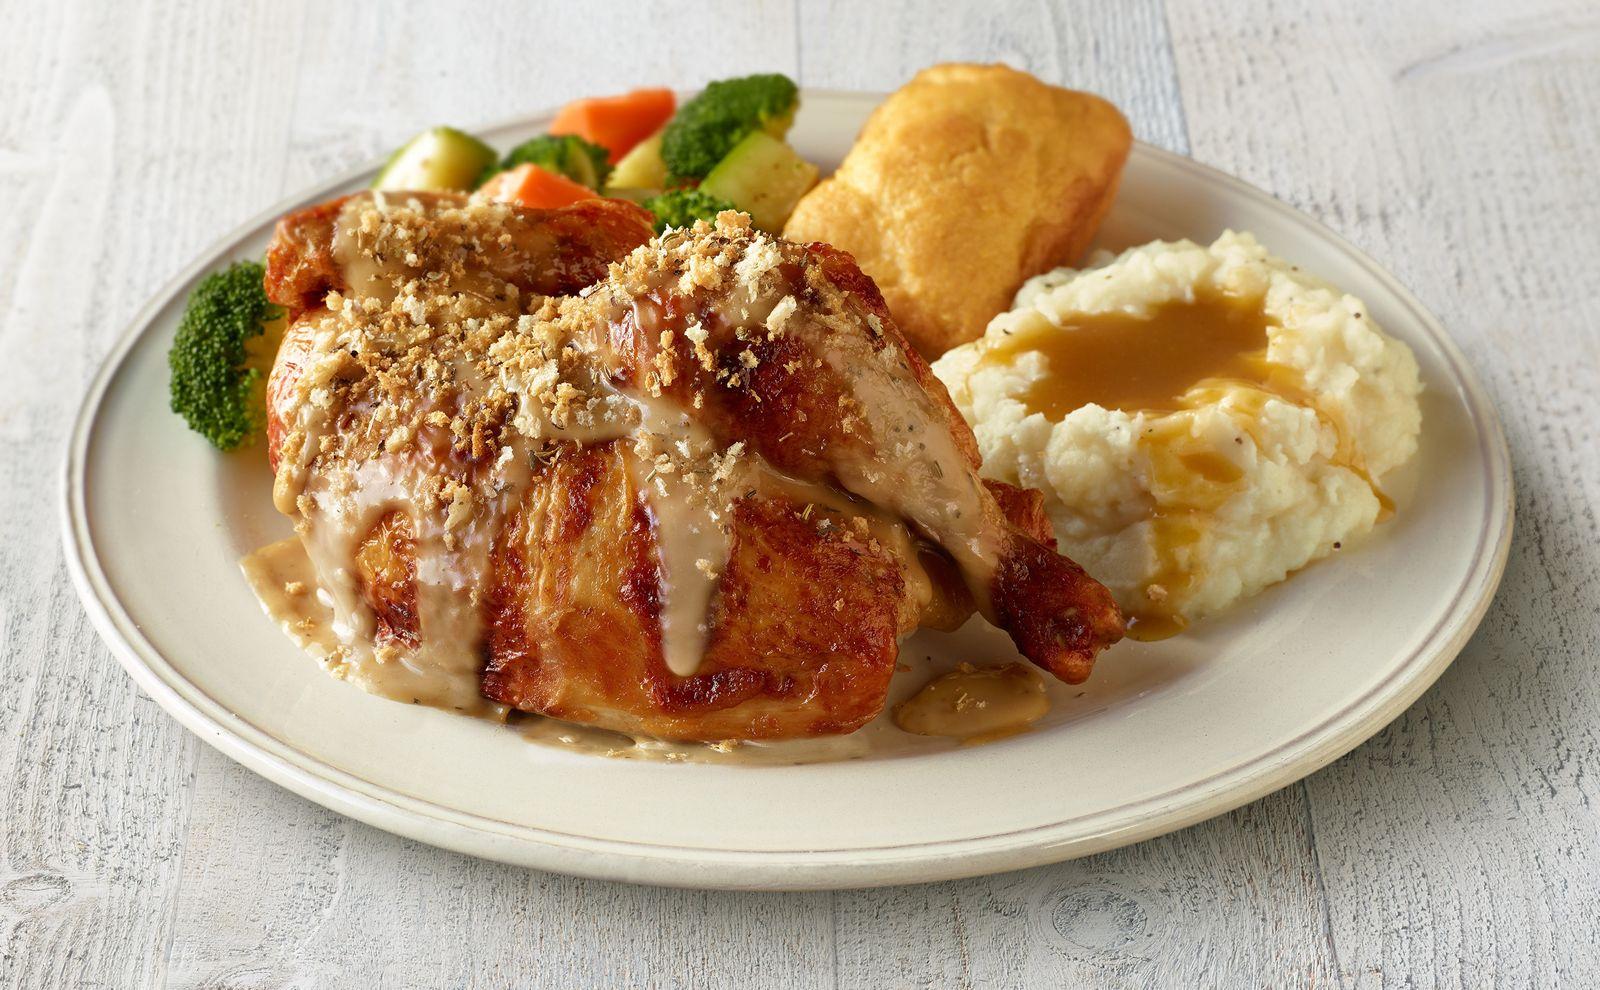 Boston Market Roasted Garlic & Herb Rotisserie Chicken